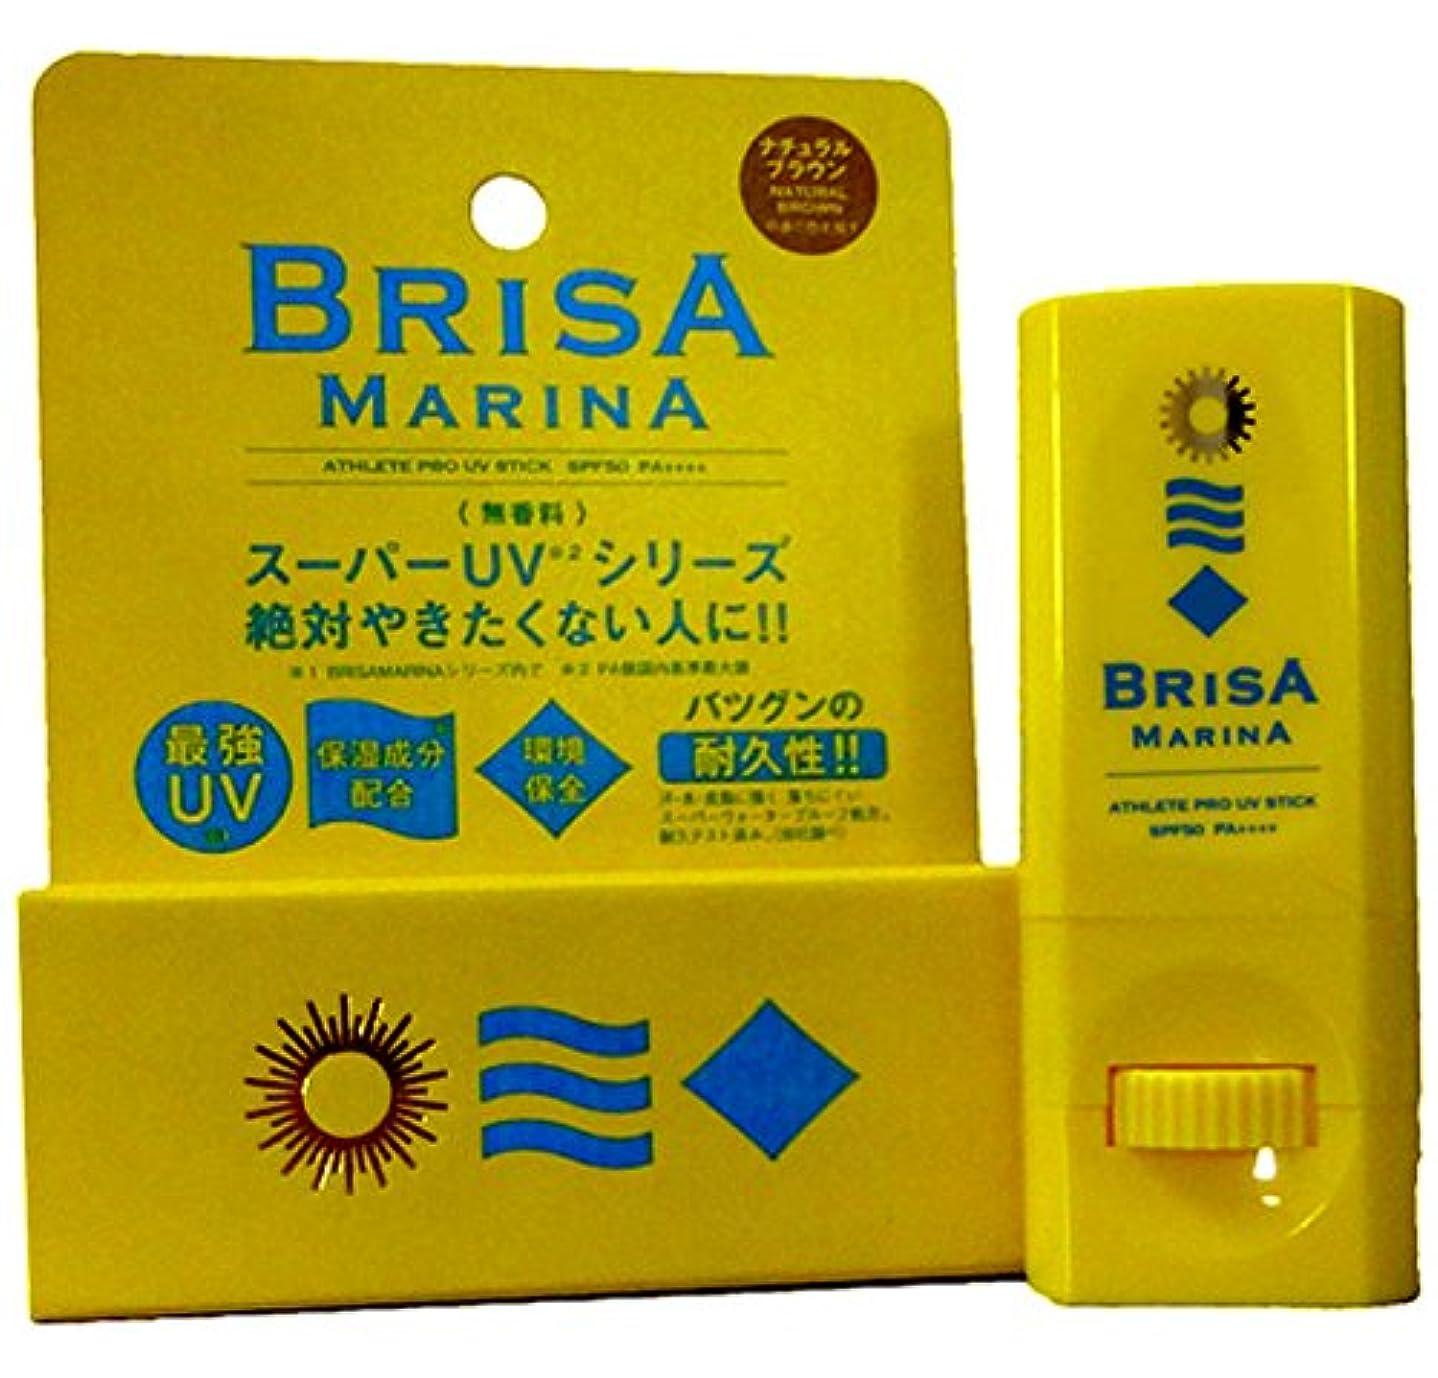 クローン悪意説明的BRISA MARINA(ブリサマリーナ) ATHLETE PRO UV STICK 10g 日焼け止め スティック (01-WHITE)